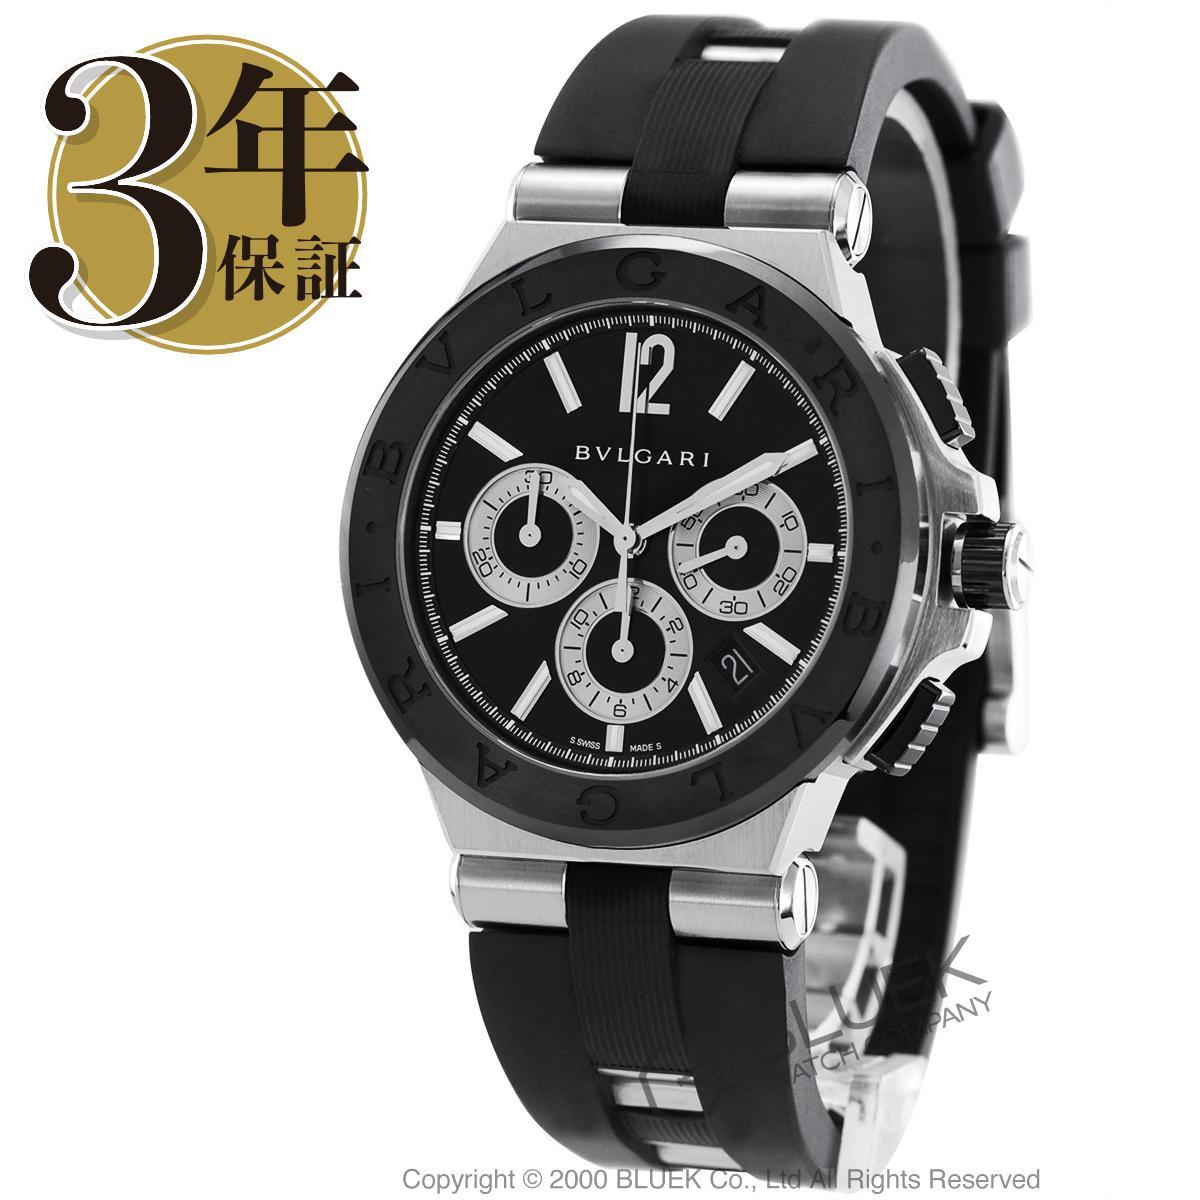 ブルガリ ディアゴノ セラミック クロノグラフ 腕時計 メンズ BVLGARI DG42BSCVDCH_8